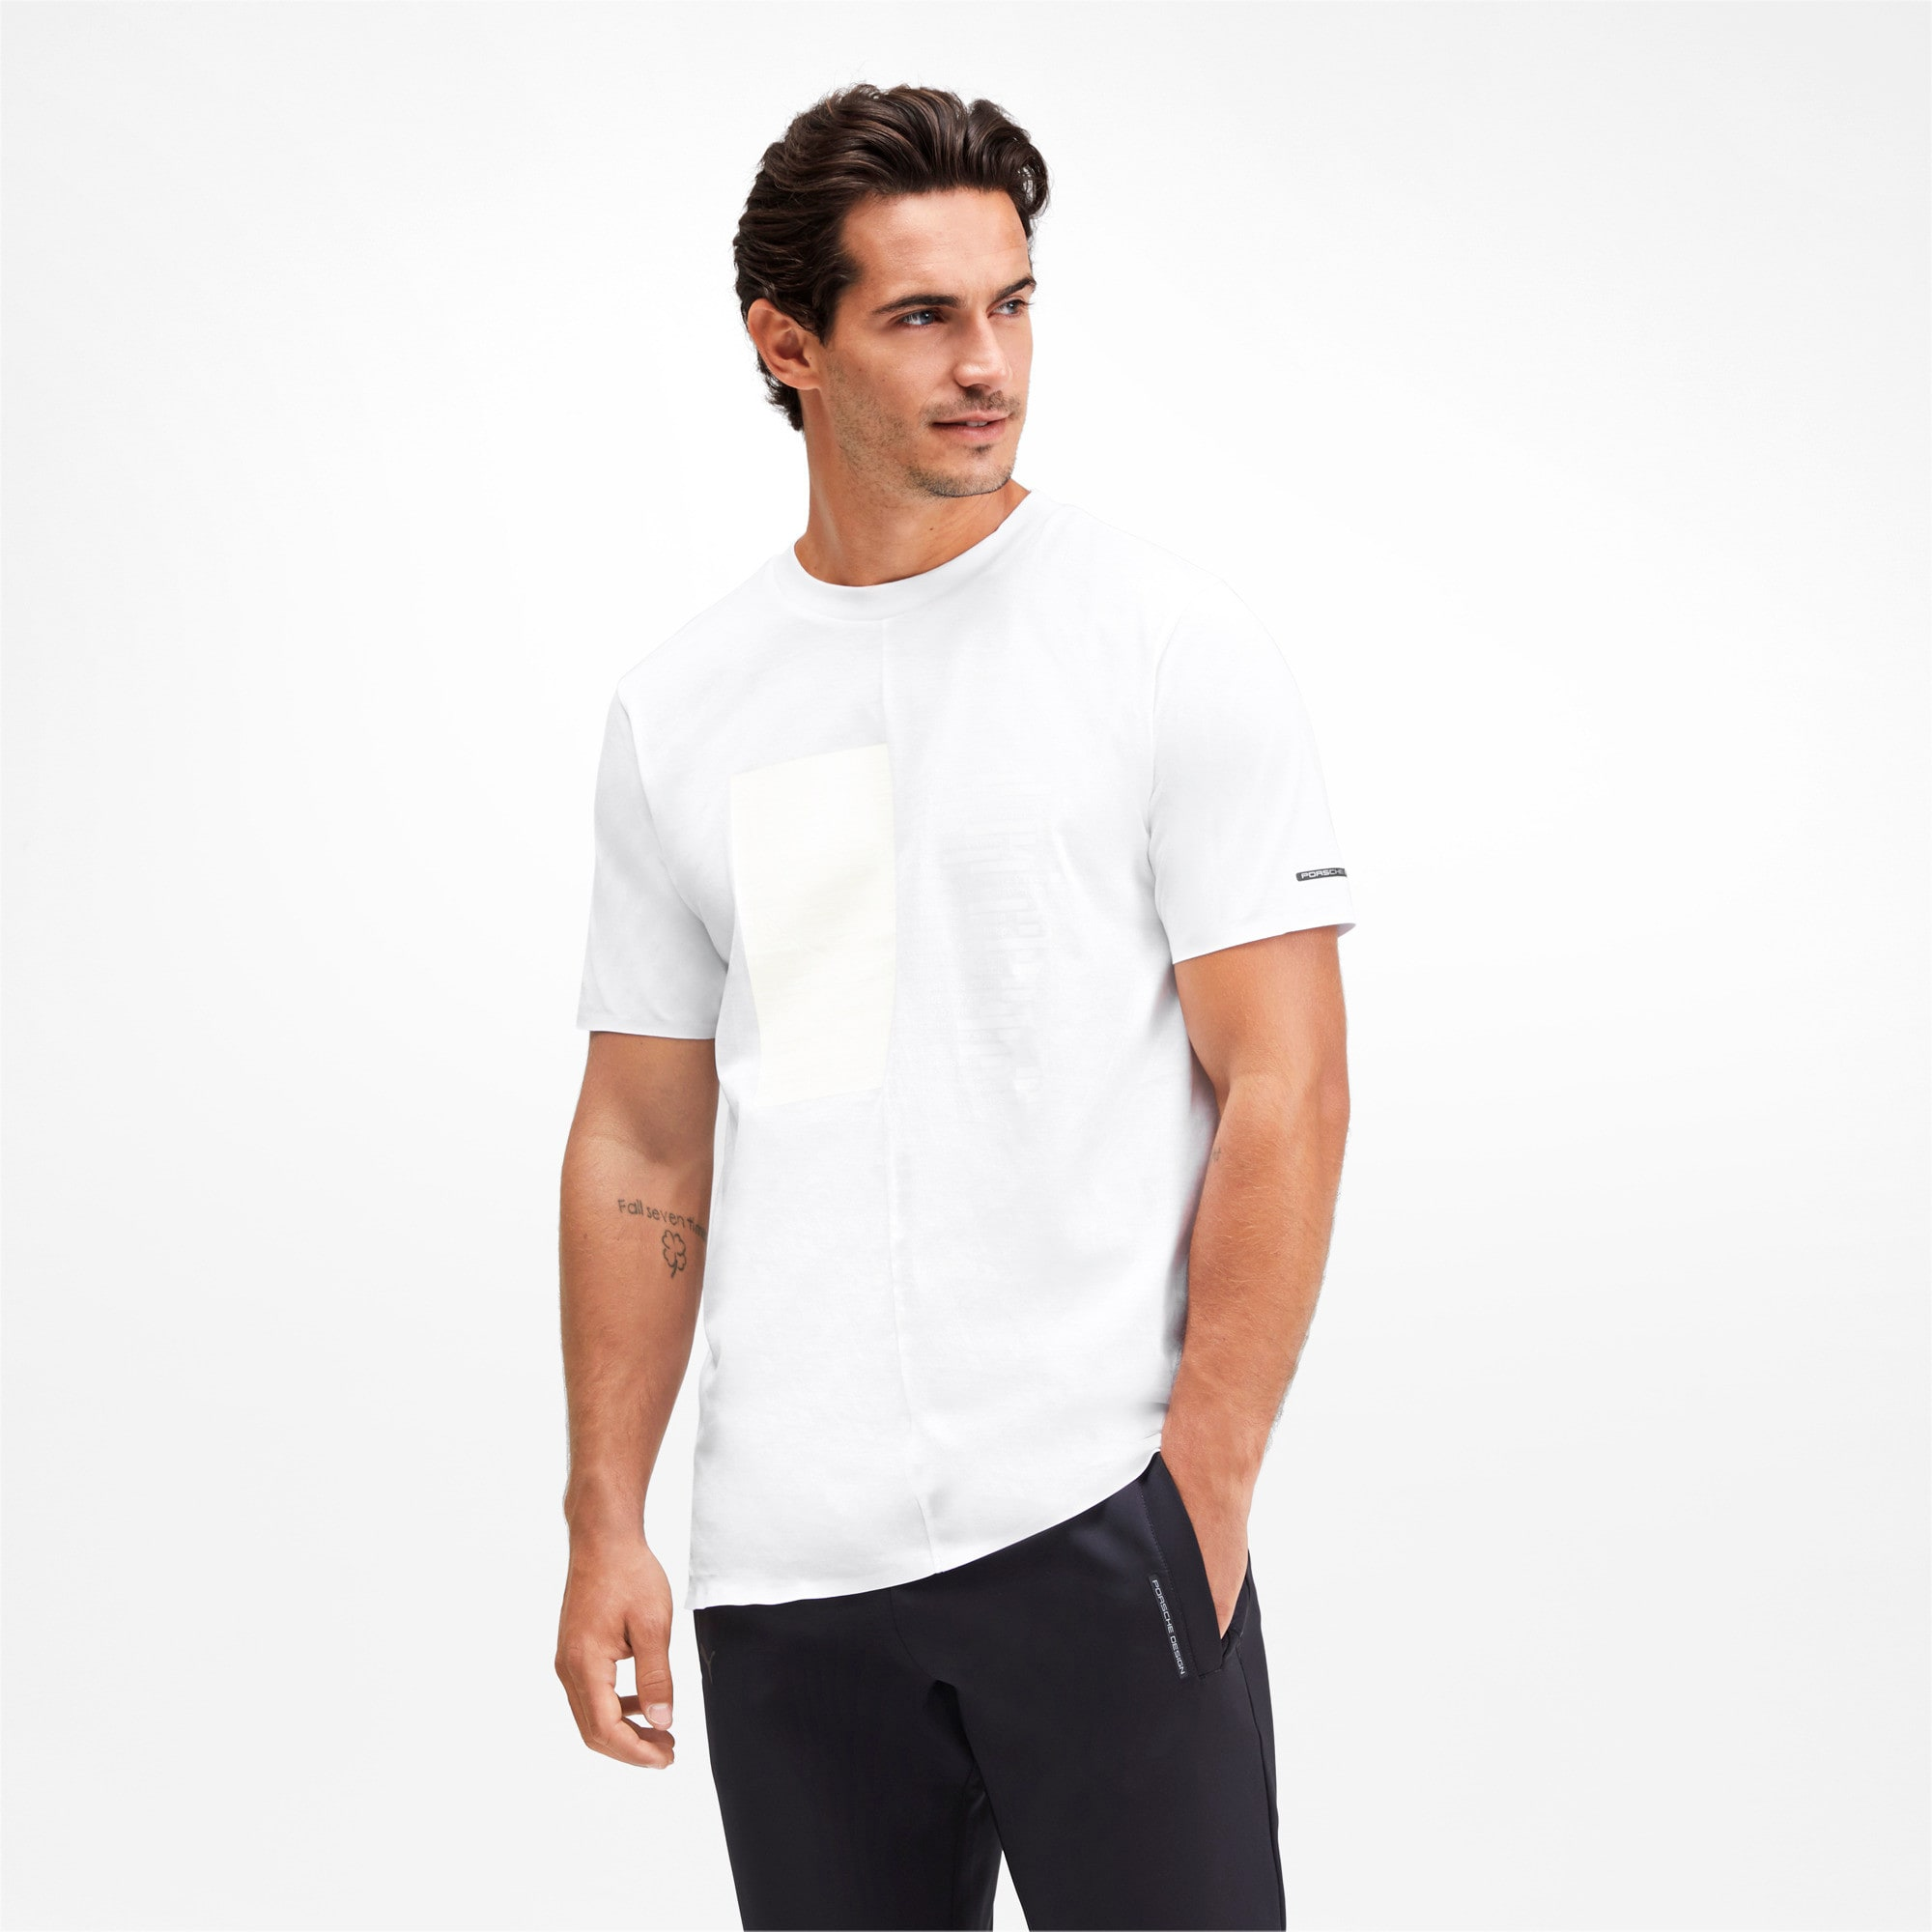 Thumbnail 1 of M ポルシェデザイン PD グラフィック Tシャツ, Puma White, medium-JPN